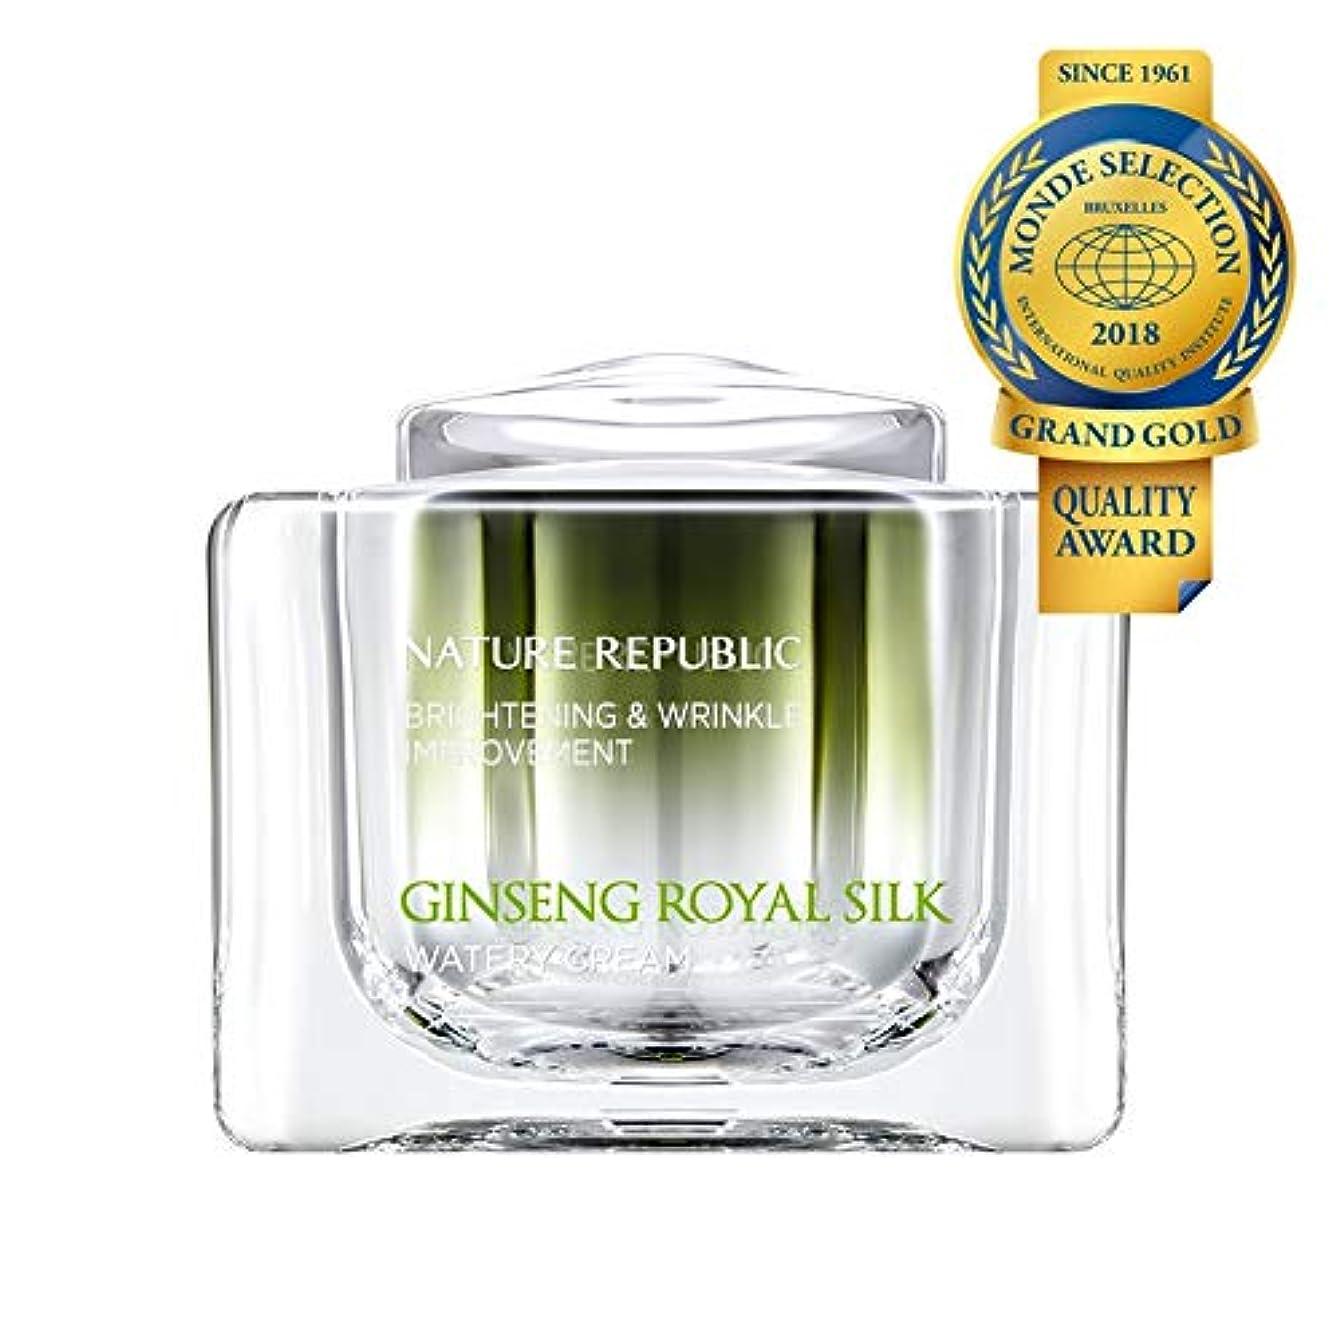 市長浴室反発するネイチャーリパブリック(Nature Republic)ジンセンロイヤルシルクウォーターリークリーム 60g / Ginseng Royal Silk Watery Cream 60g :: 韓国コスメ [並行輸入品]